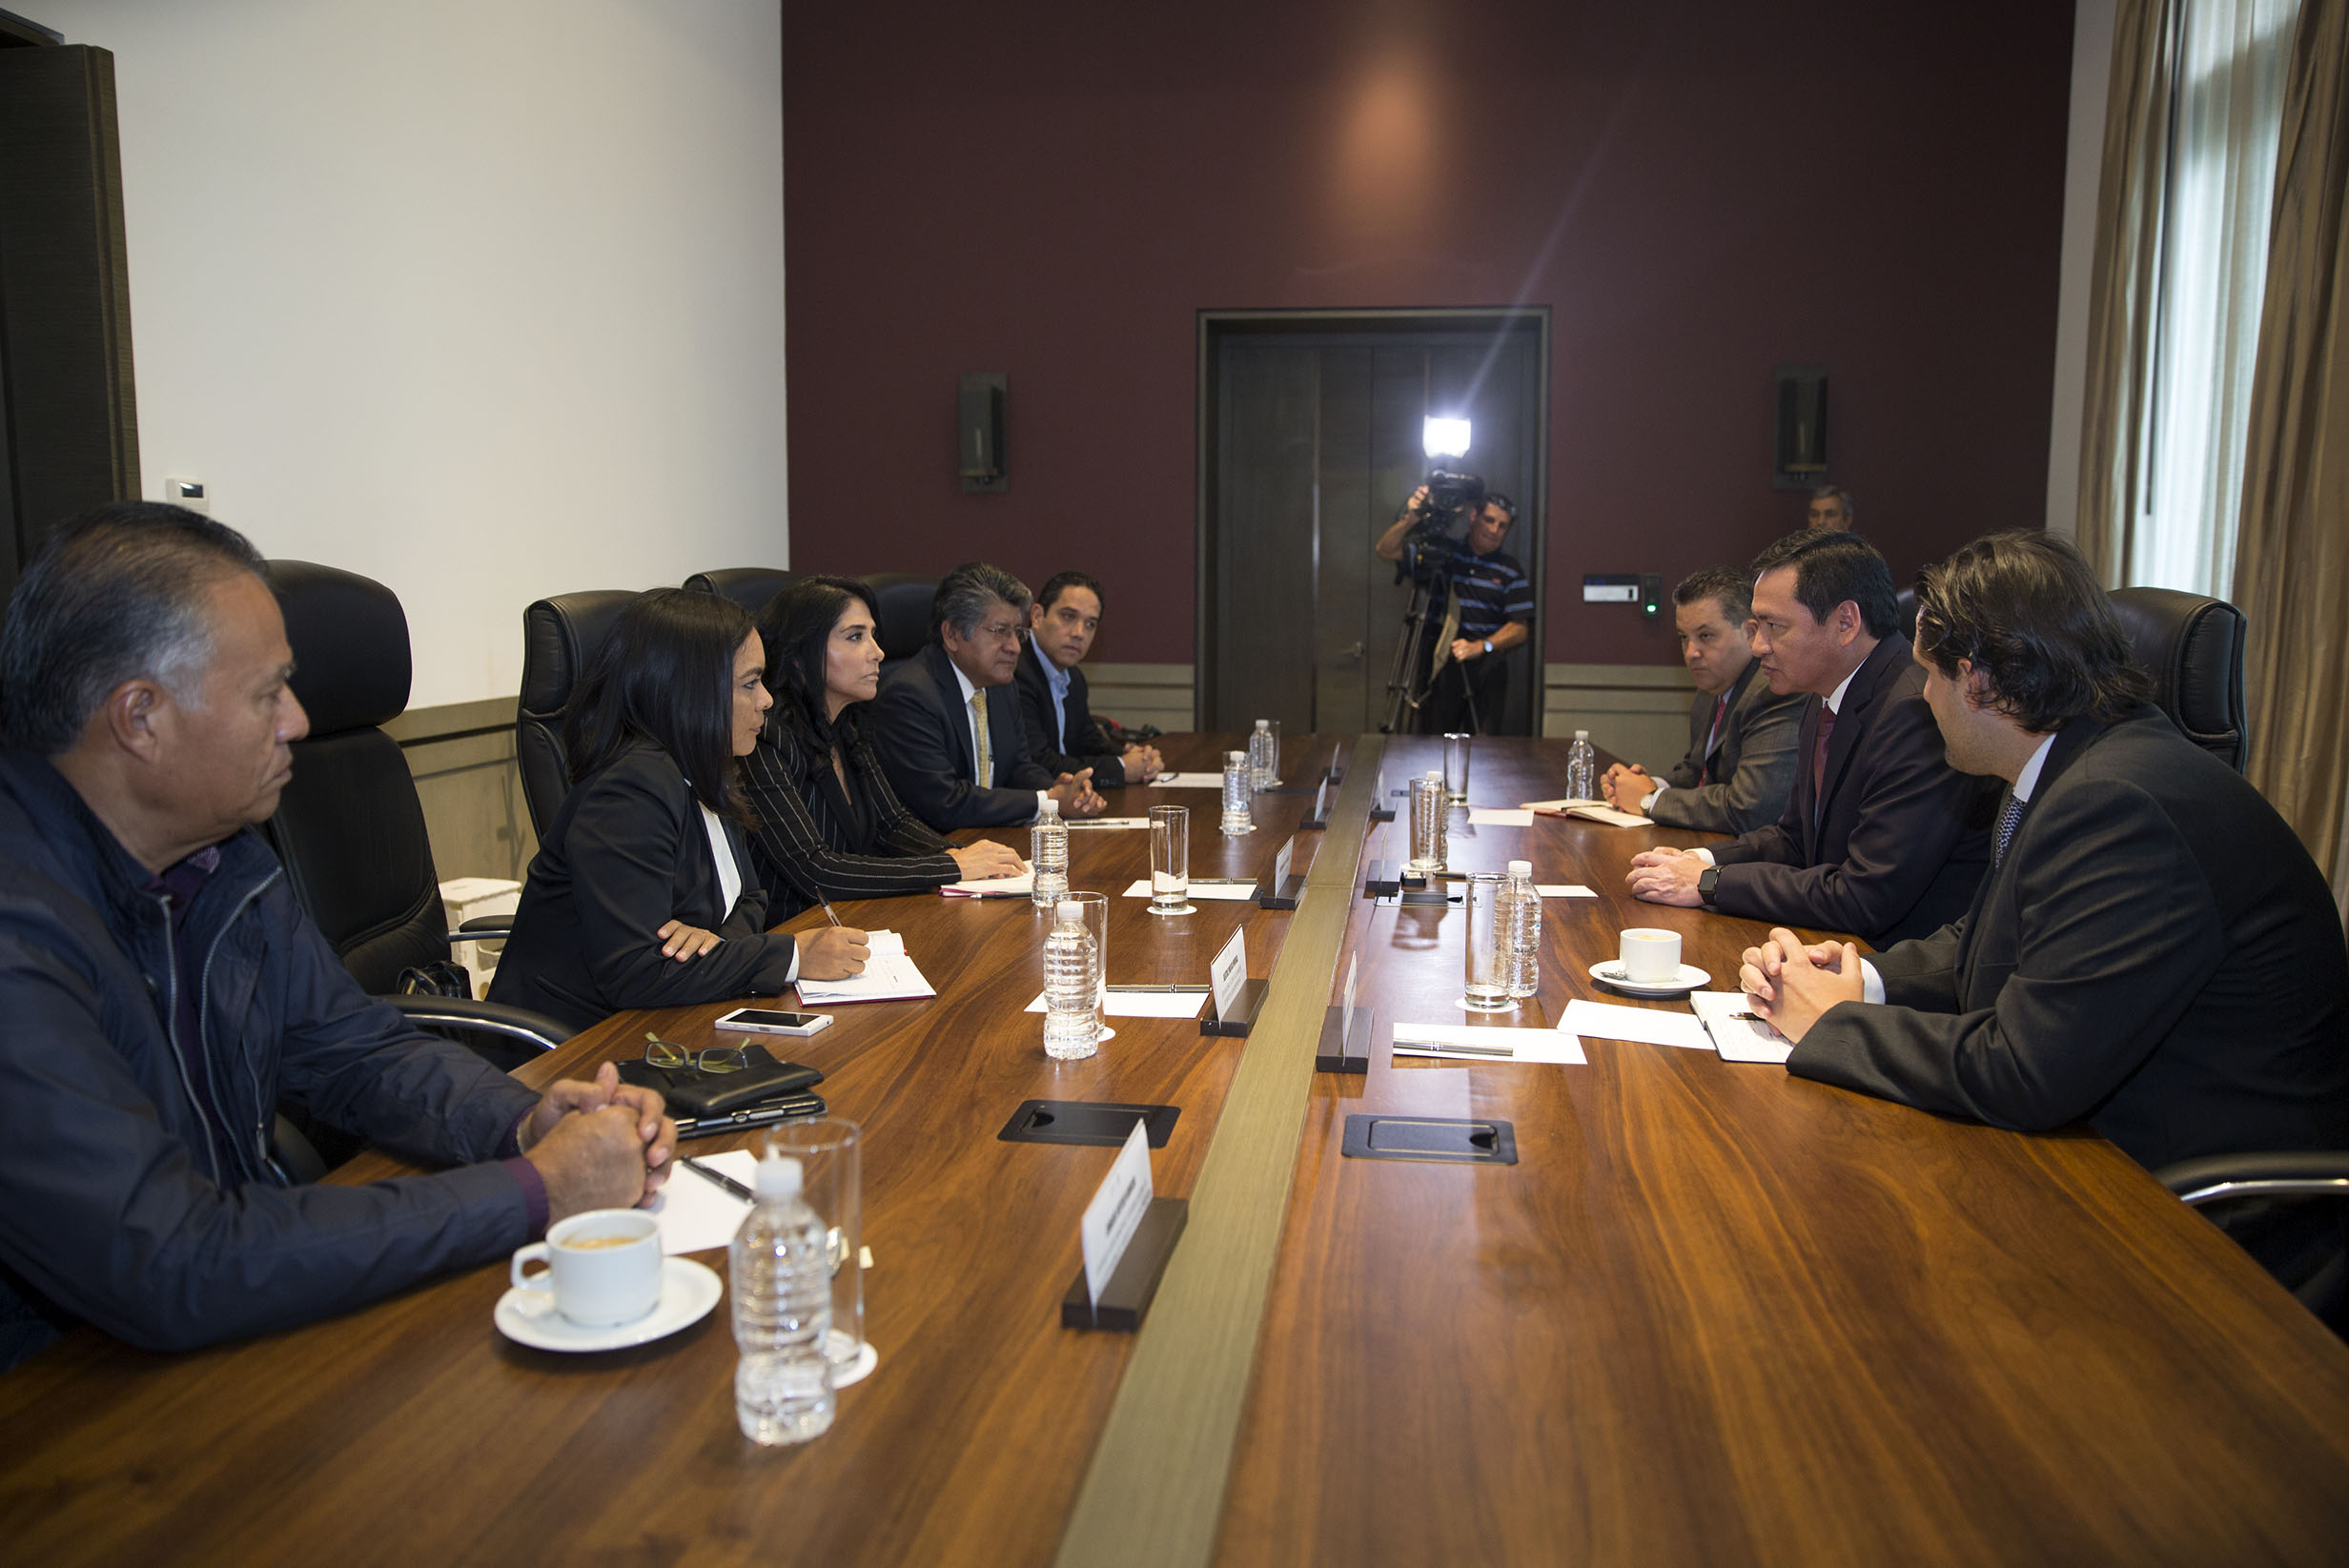 El Secretario de Gobernación, Miguel Ángel Osorio Chong, se reunió con la dirigencia nacional del Partido de la Revolución Democrática, que preside Alejandra Barrales Magdaleno.